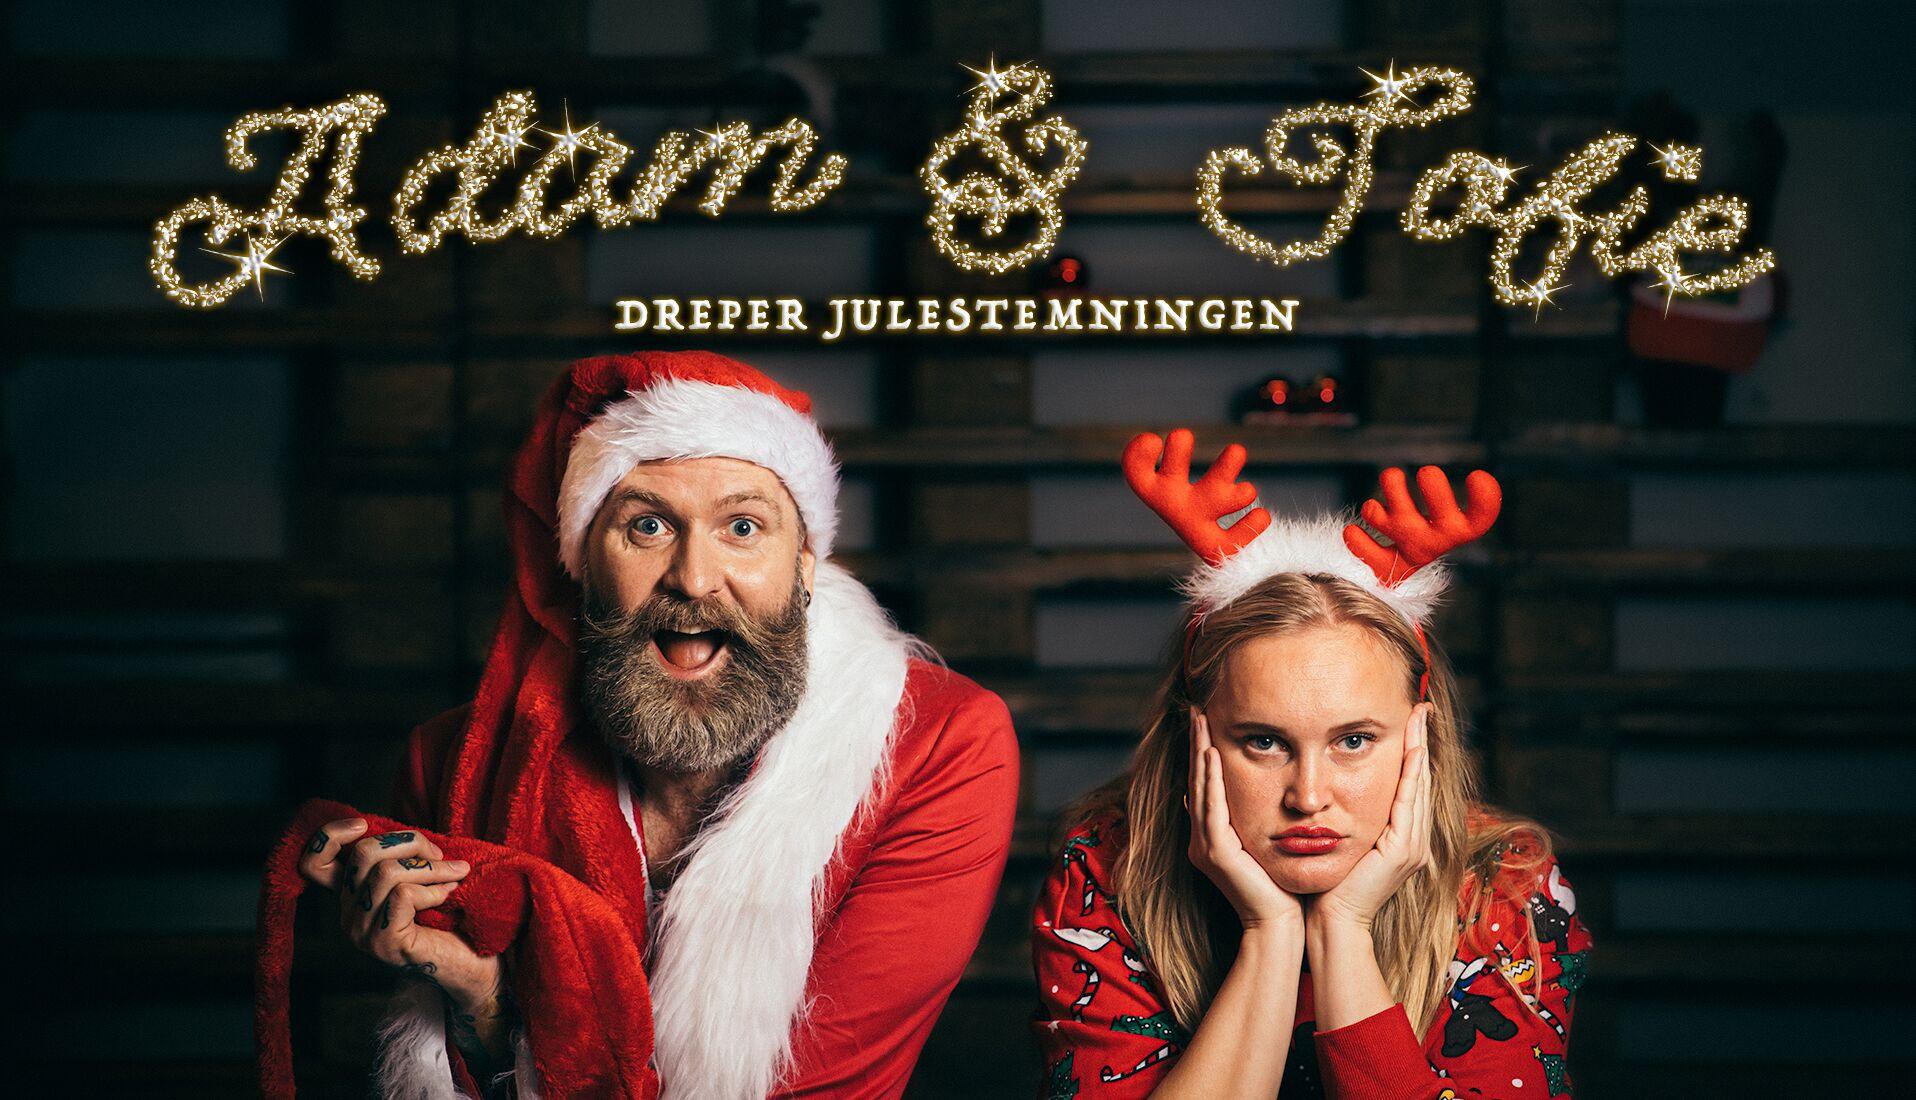 ADAM & SOFIE DREPER JULESTEMNINGA